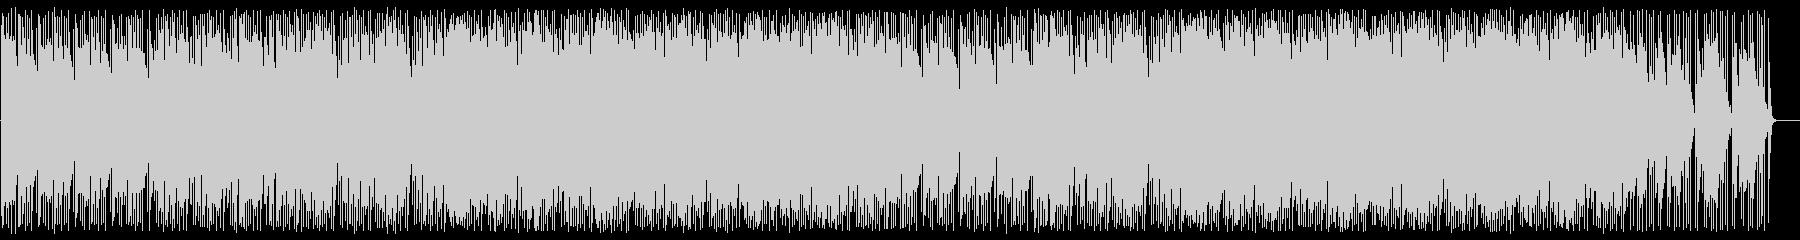 明るいテンポのいいボサノバの曲の未再生の波形